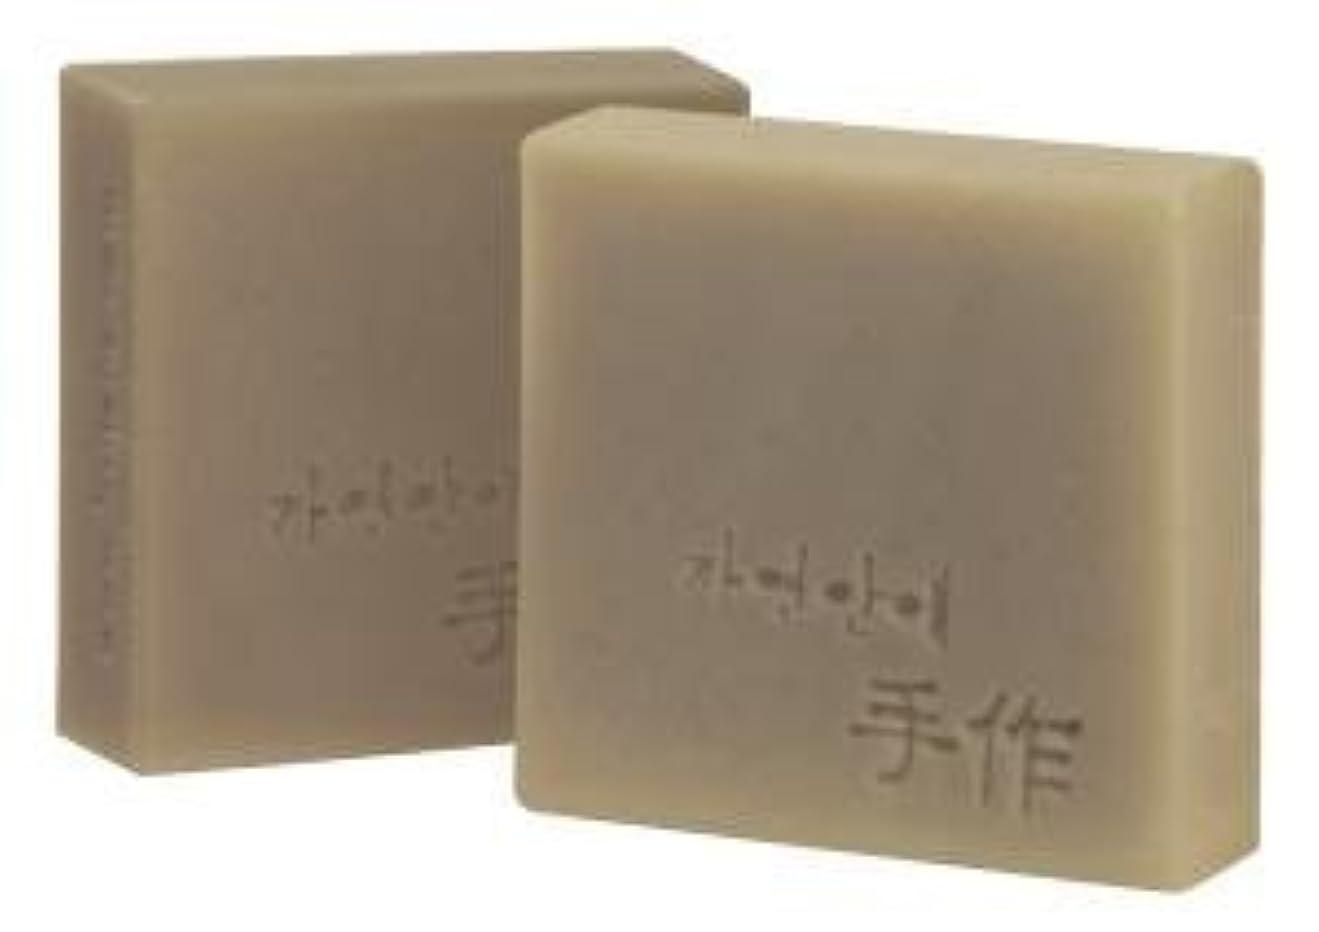 サーフィンソブリケット興奮するNatural organic 有機天然ソープ 固形 無添加 洗顔 (梅) [並行輸入品]